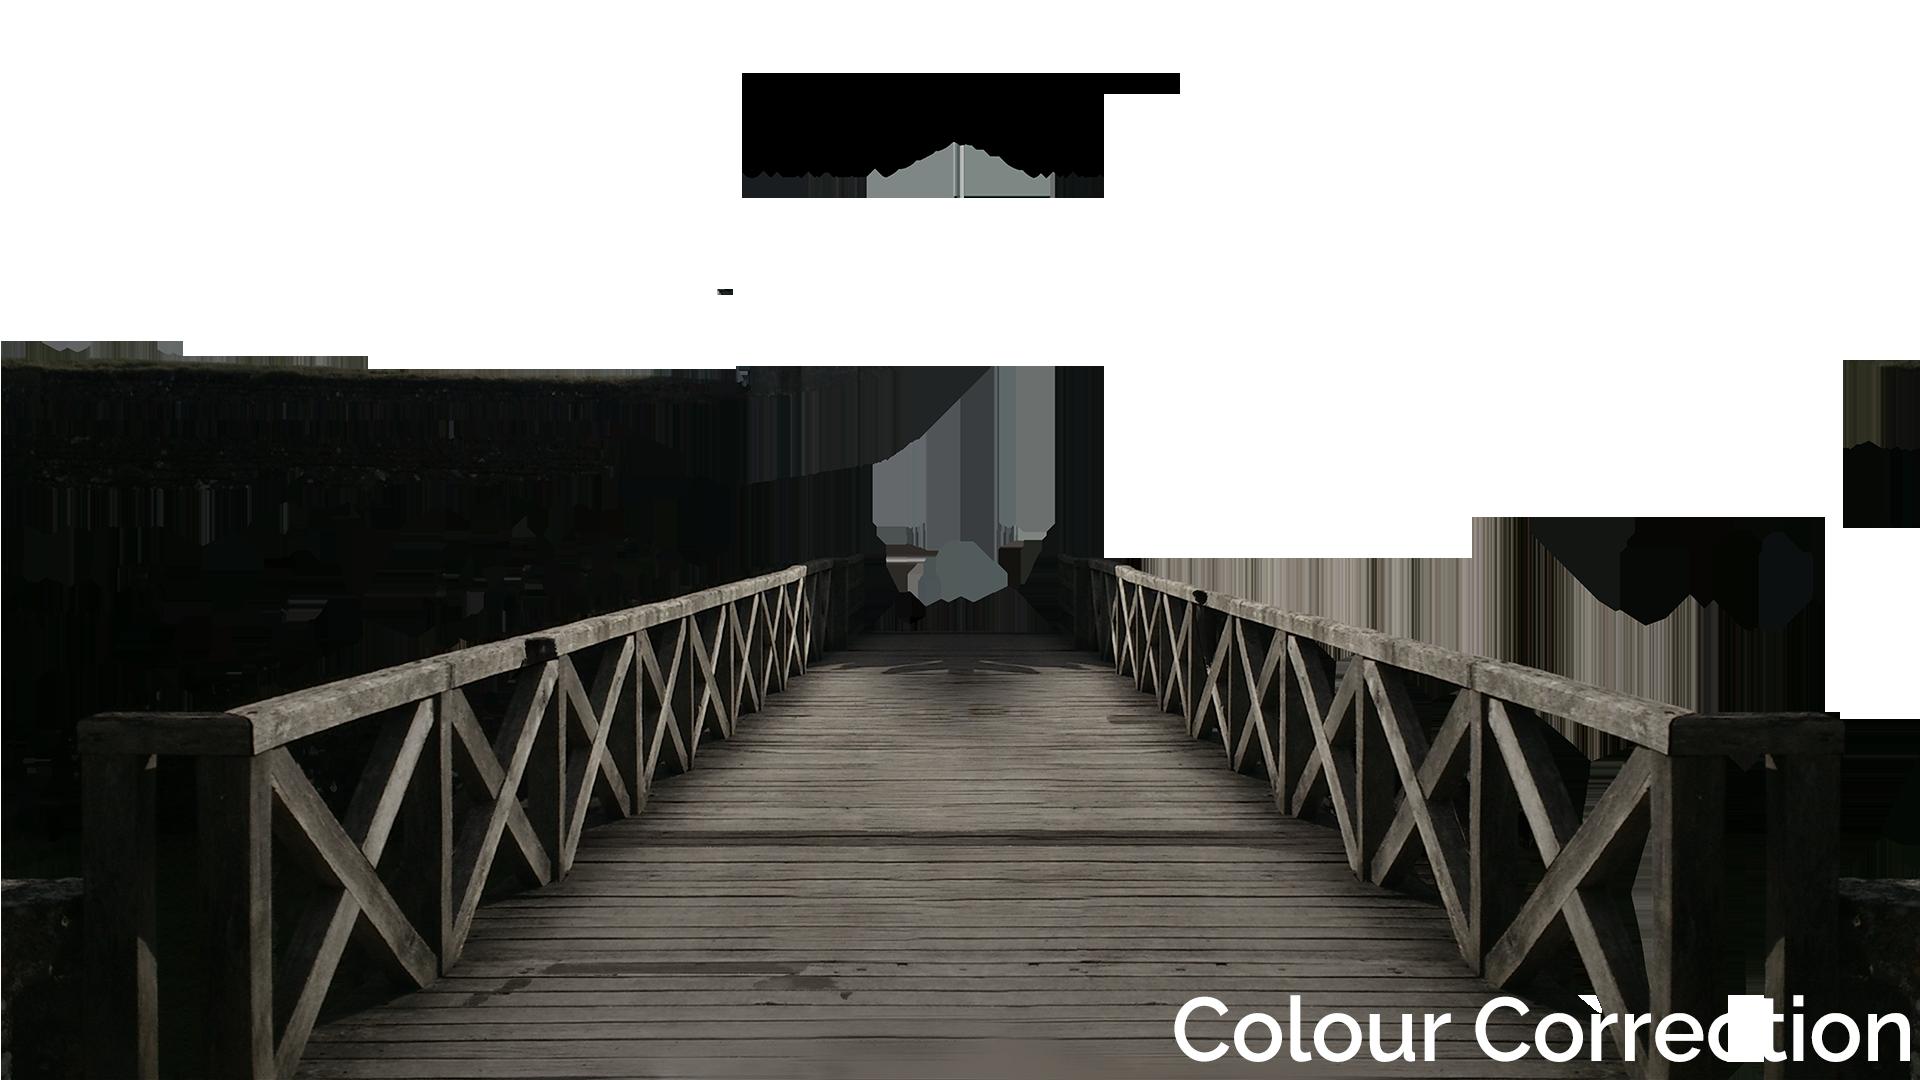 04d - colour correction.png